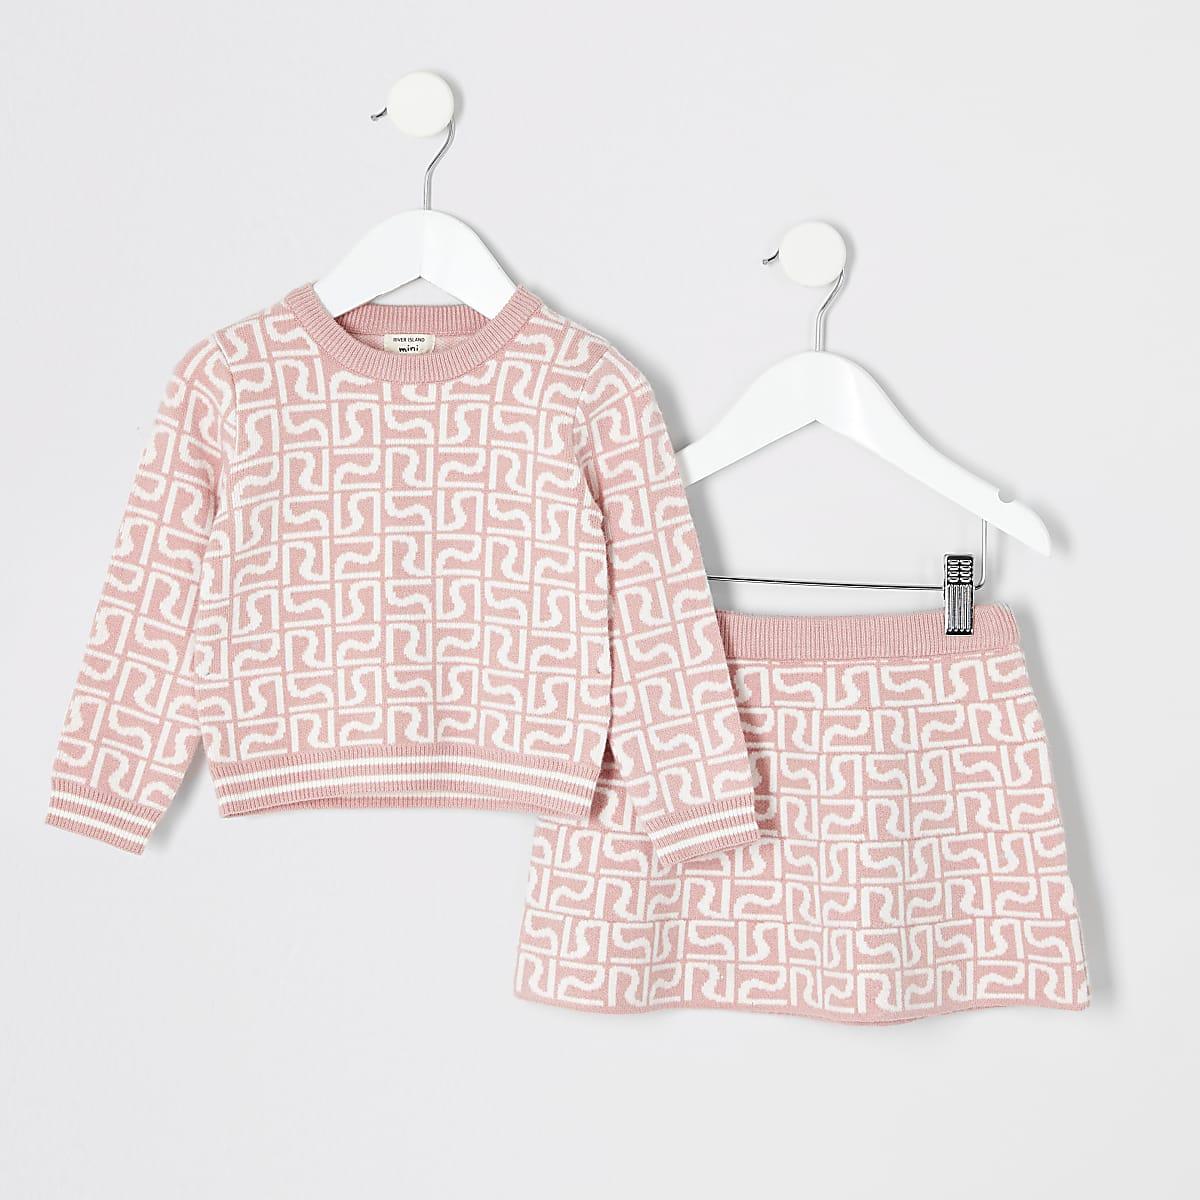 Mini - Outfit met roze pullover met RI-monogram voor meisjes